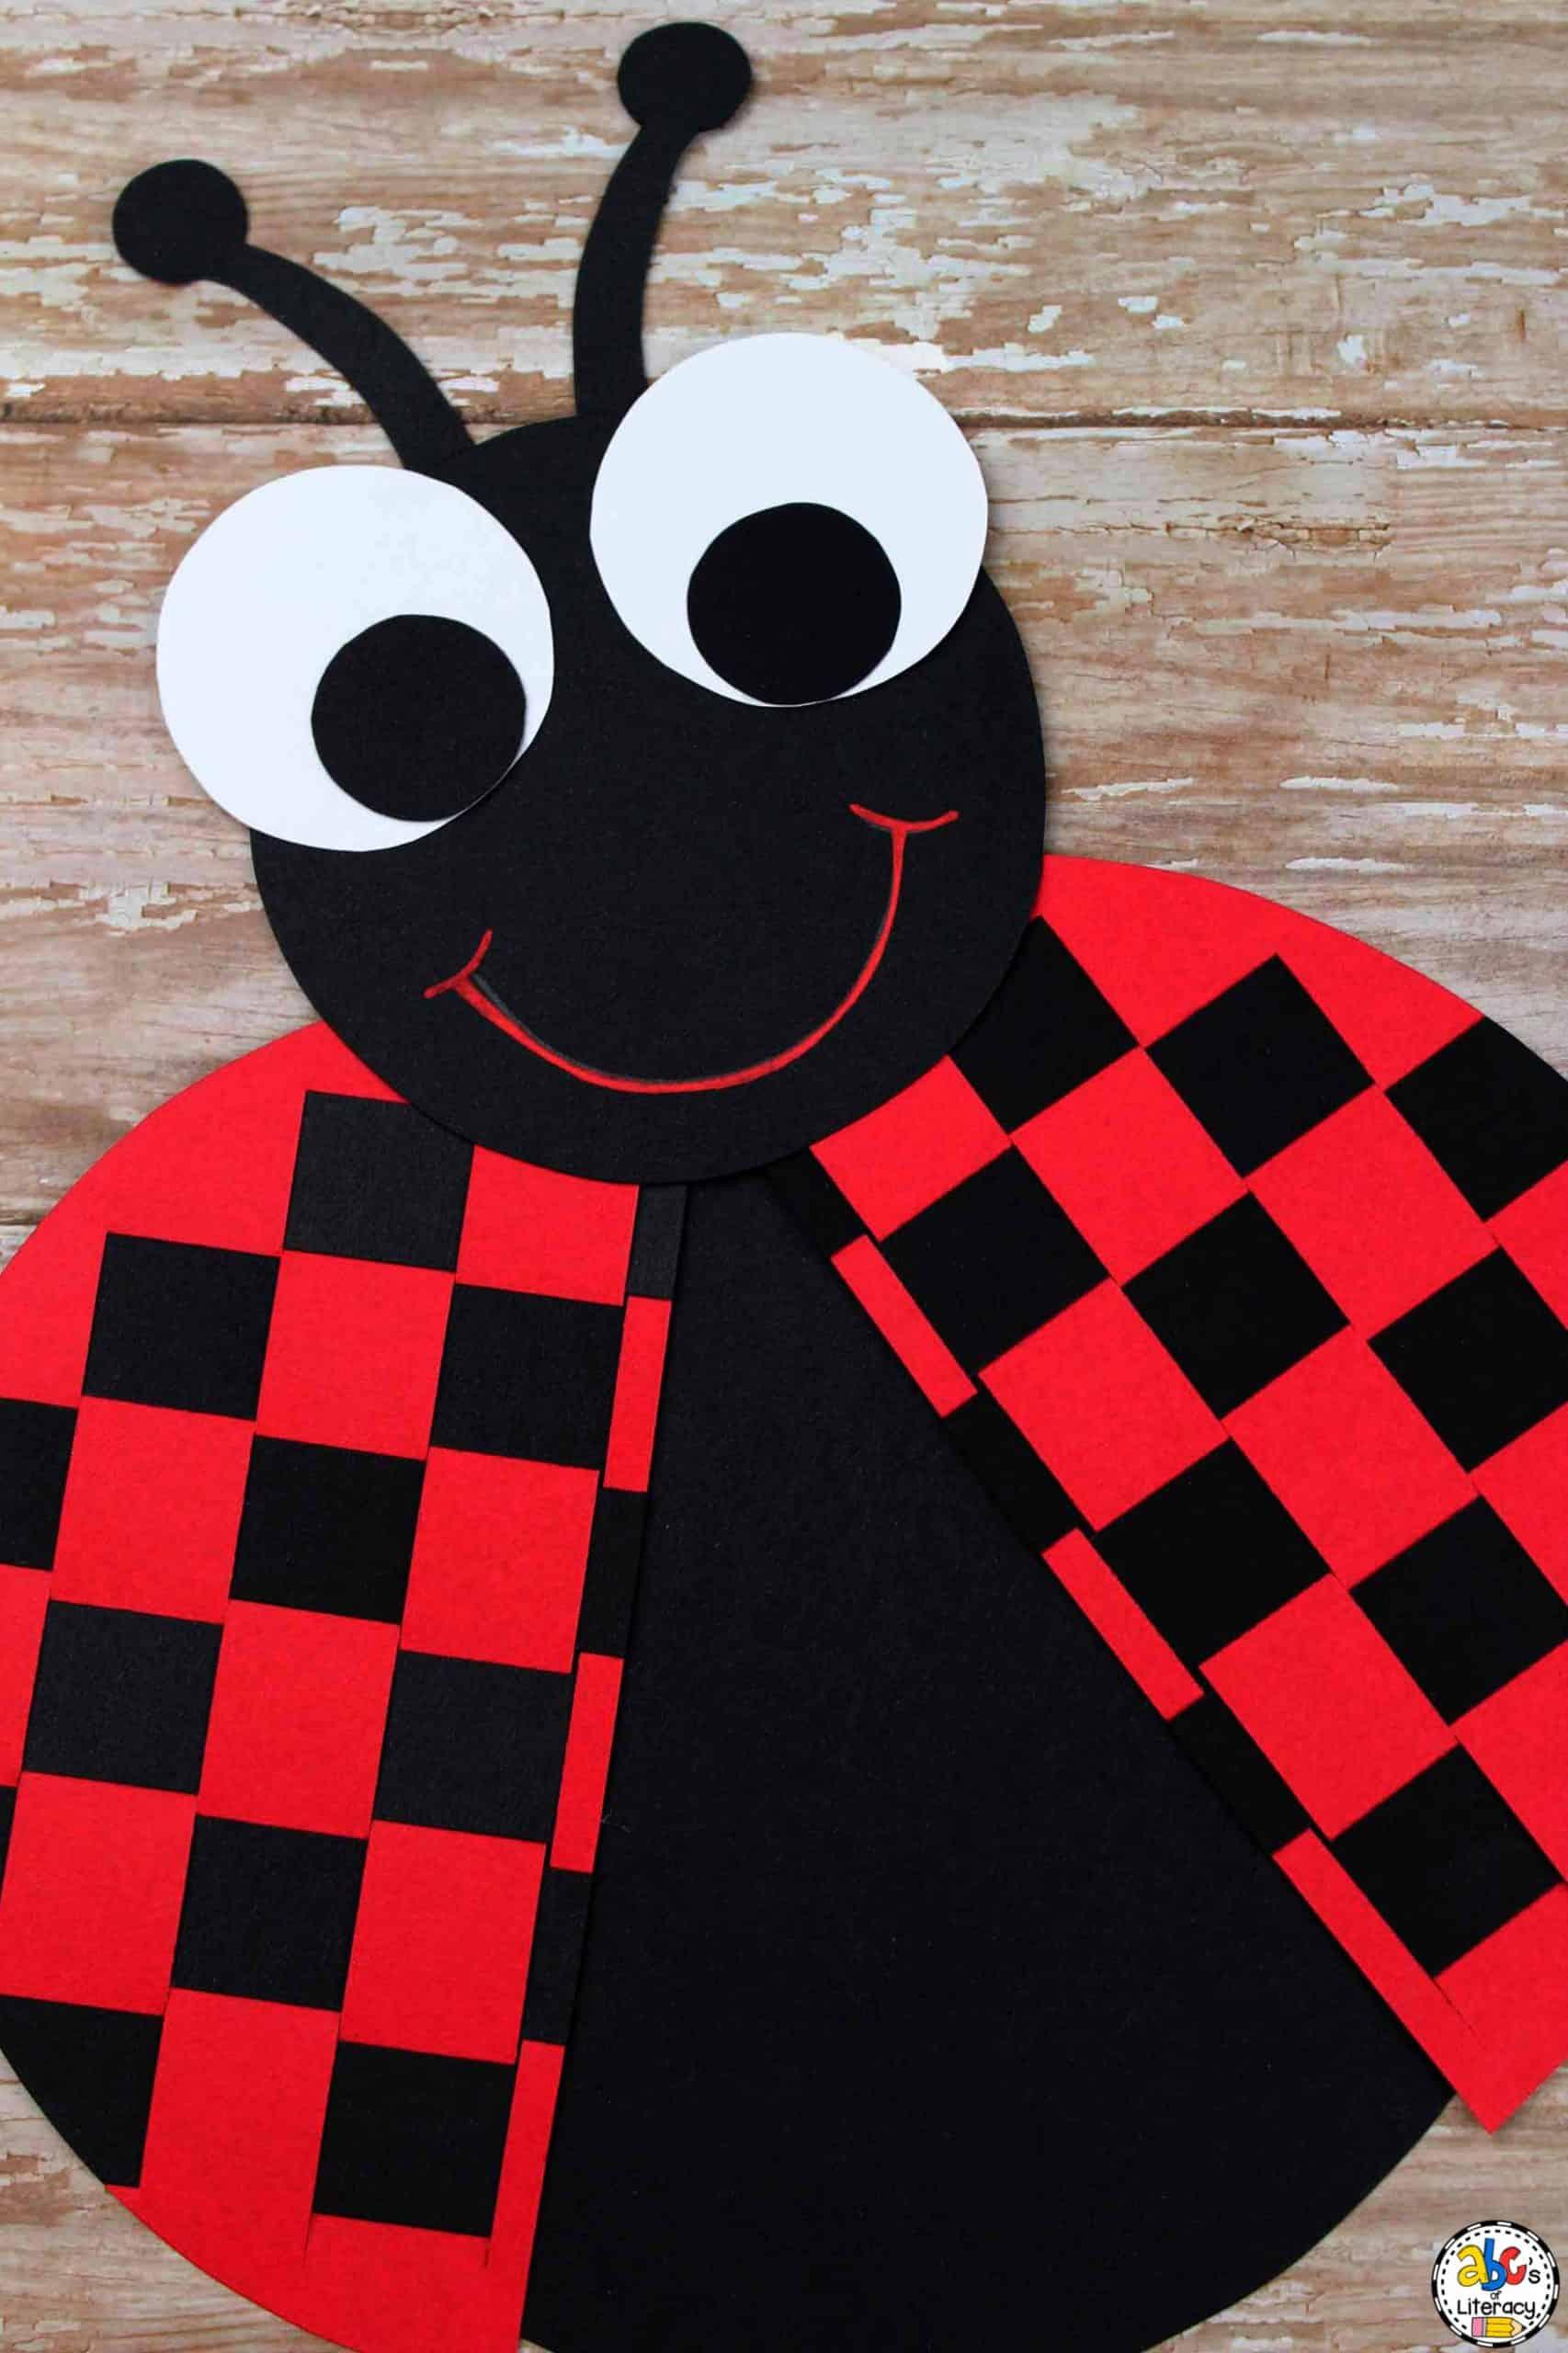 Paper Weaving Ladybug Craft for Kids